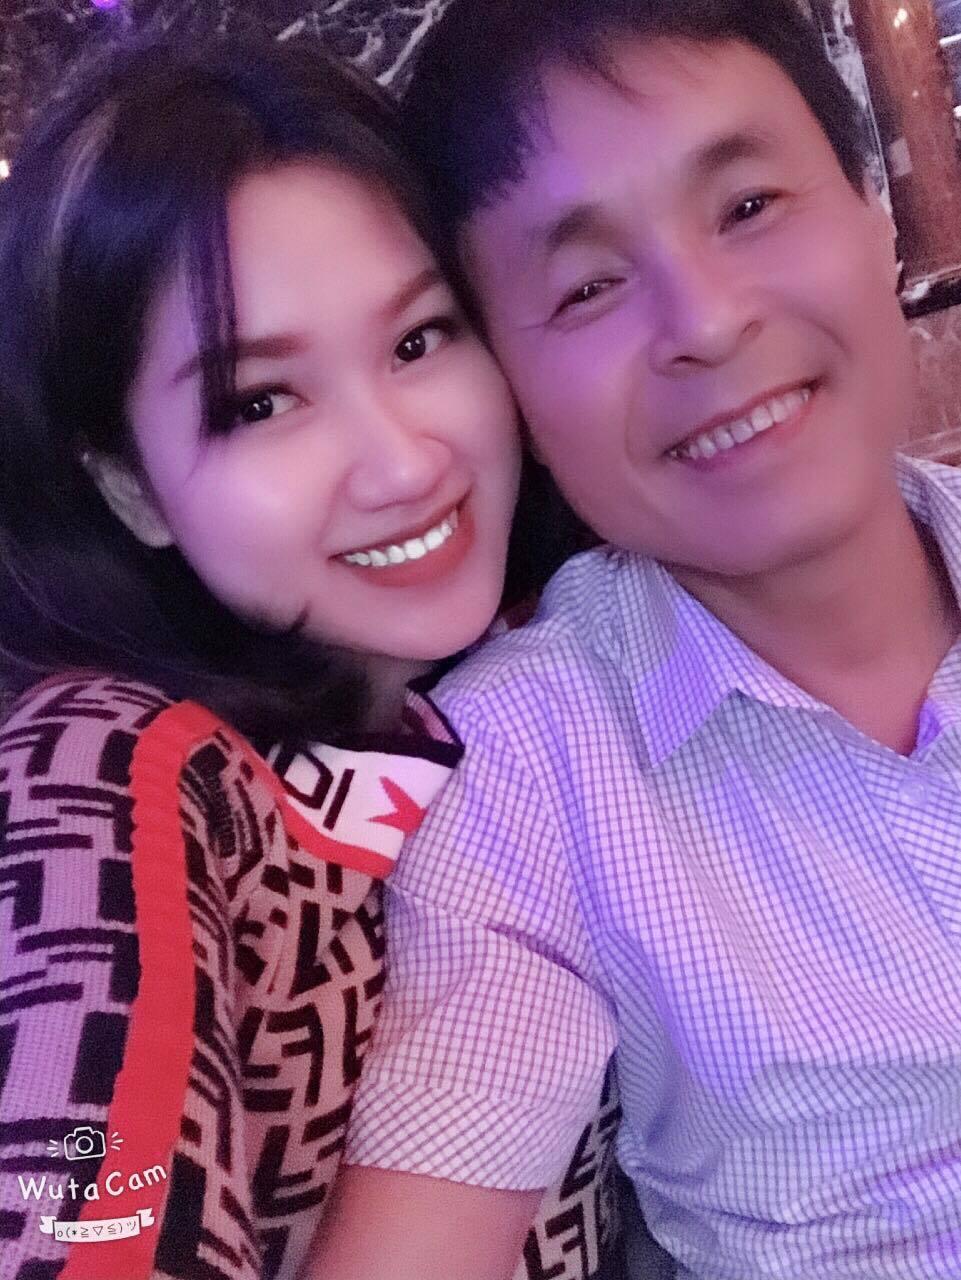 Chuyện tình ngọt ngào của ông chủ quán karaoke và vợ kém 30 tuổi-1